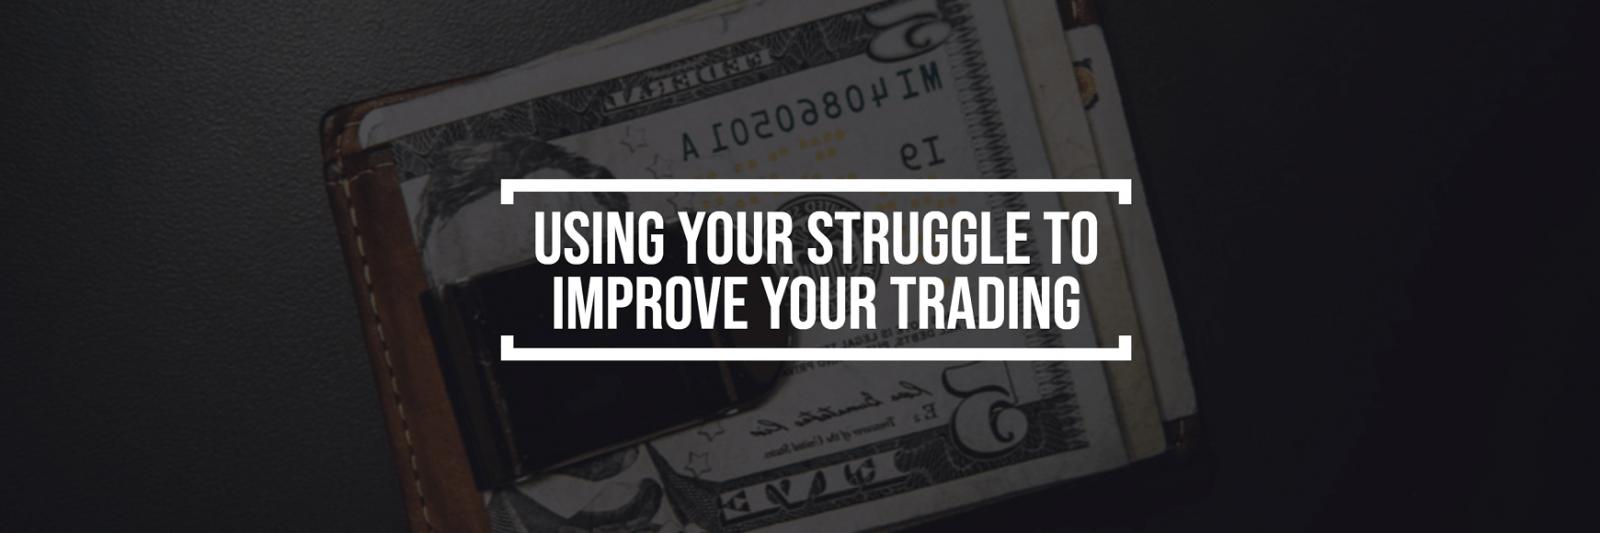 Uso de su Struggle para mejorar su comercio